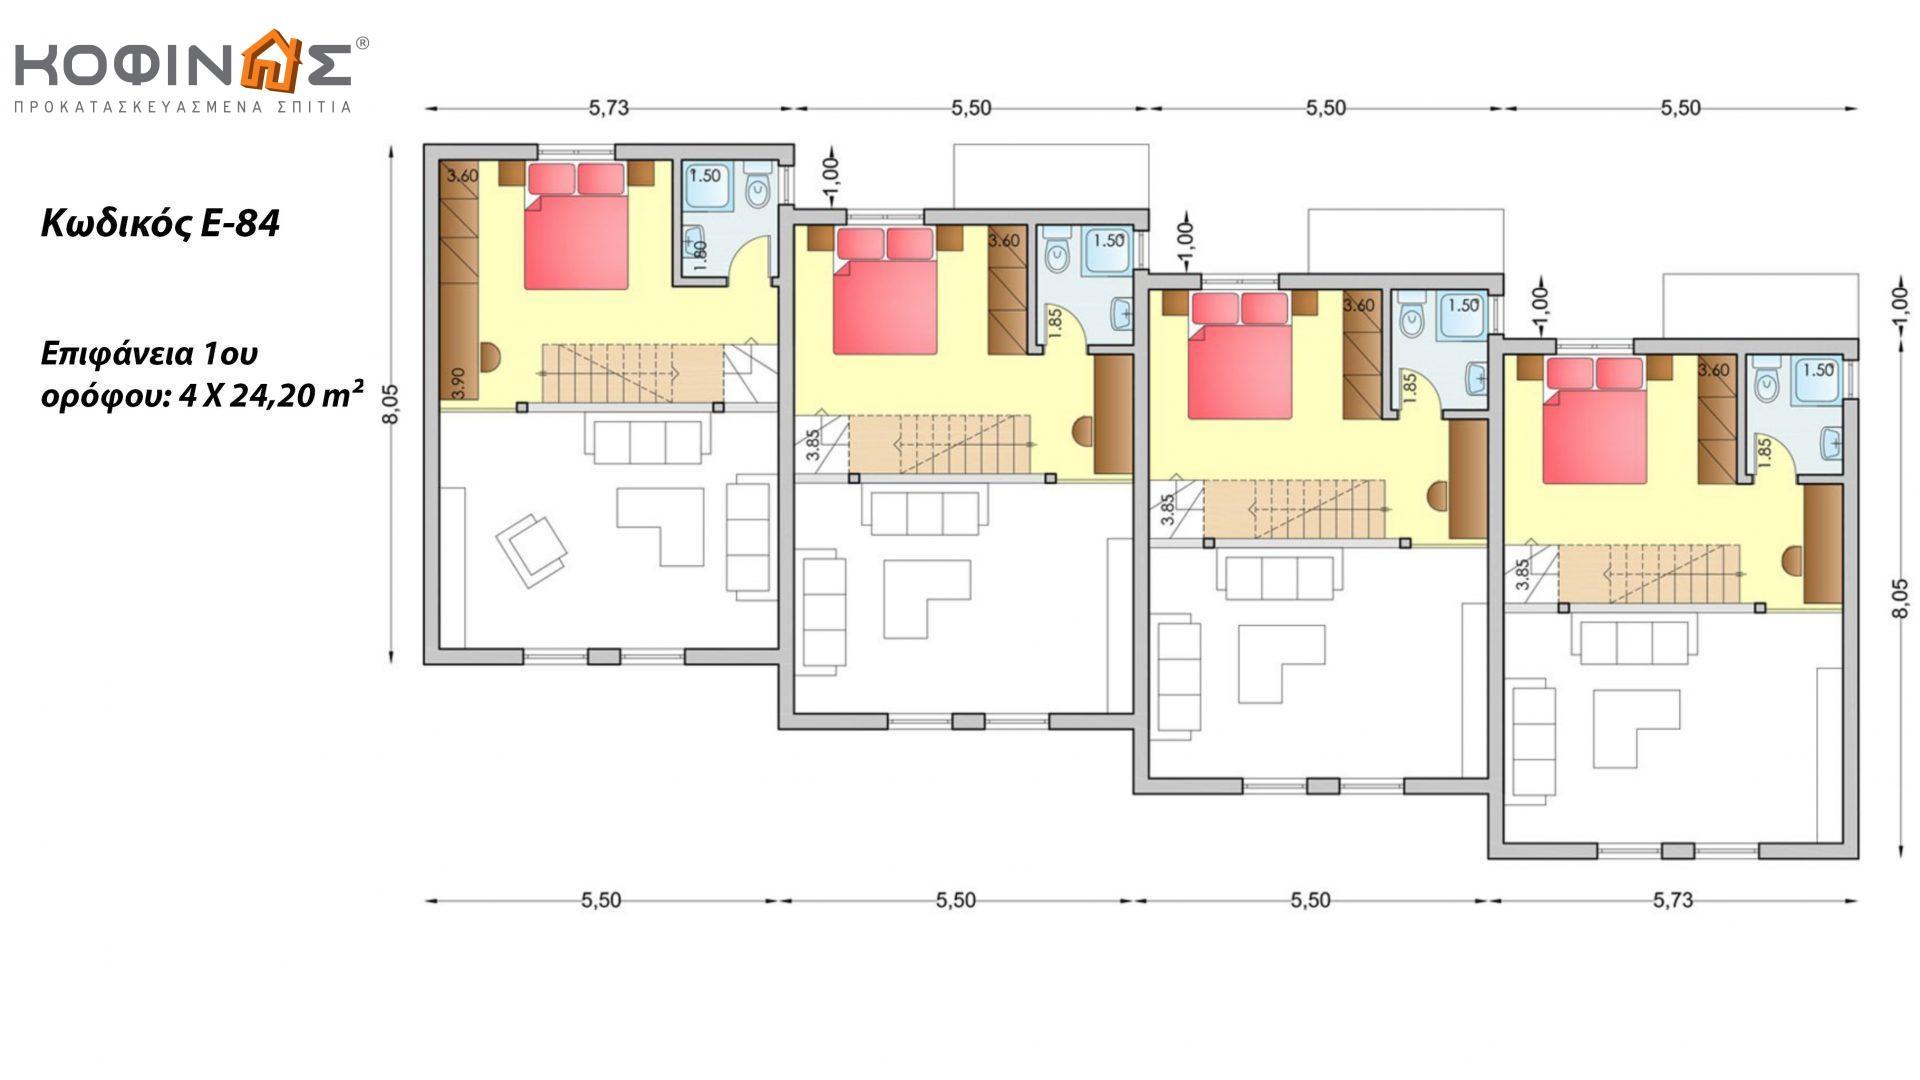 Συγκρότημα Κατοικιών E-84, συνολικής επιφάνειας 4 x 84,17 = 336,68 τ.μ., συνολική επιφάνεια στεγασμένων χώρων 43,36 τ.μ.